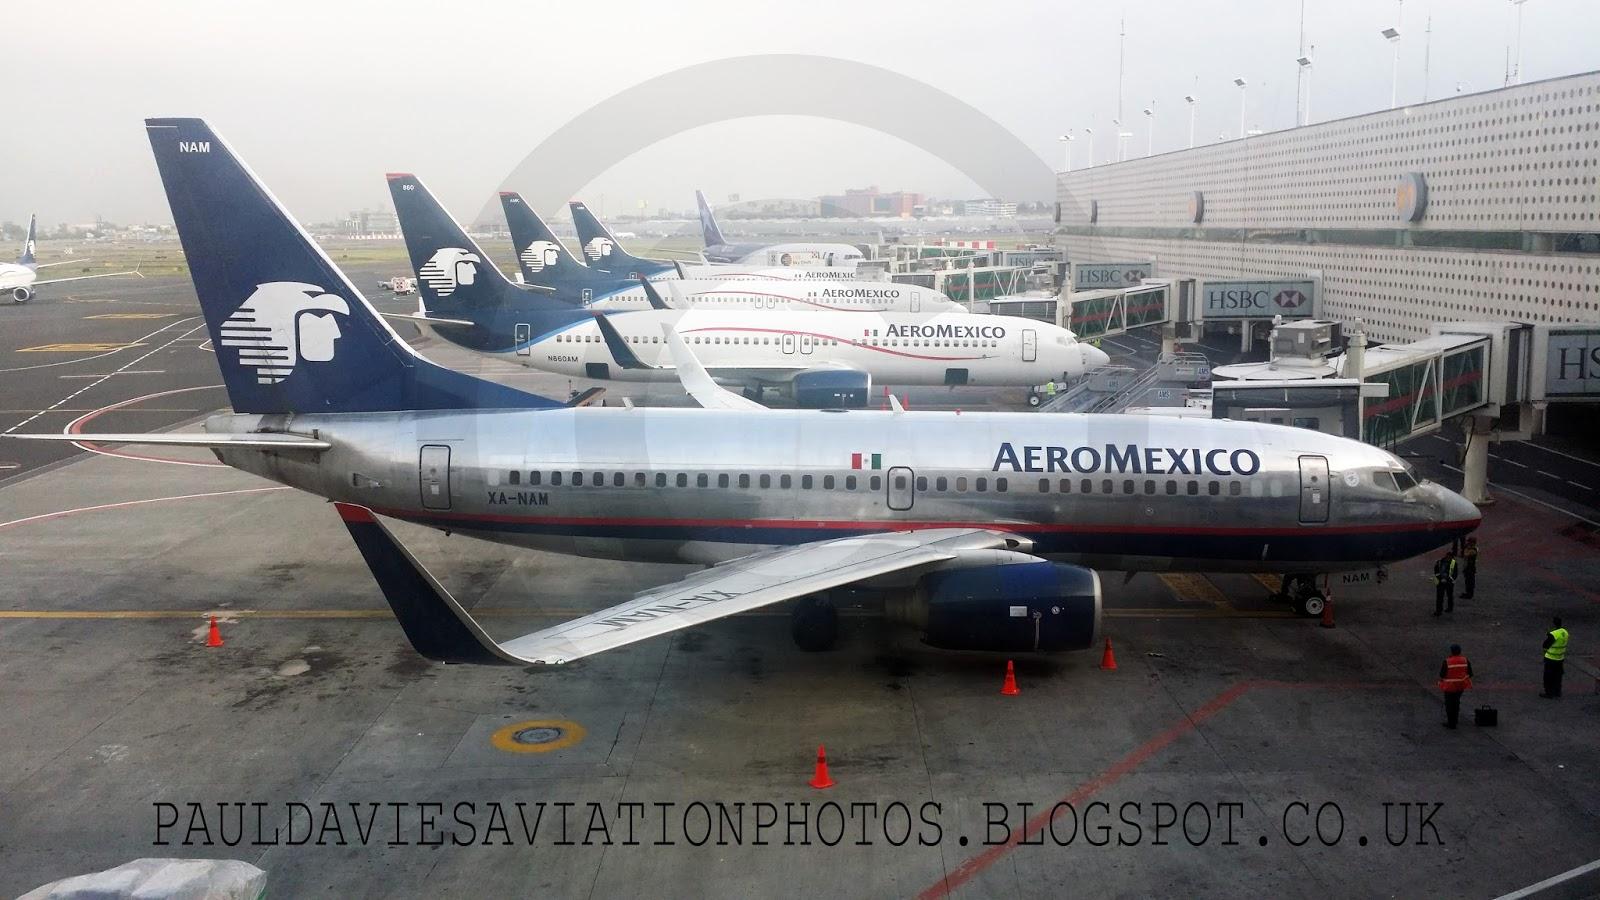 Aeroméxico Boeing 737 752 XA NAM at Miami International